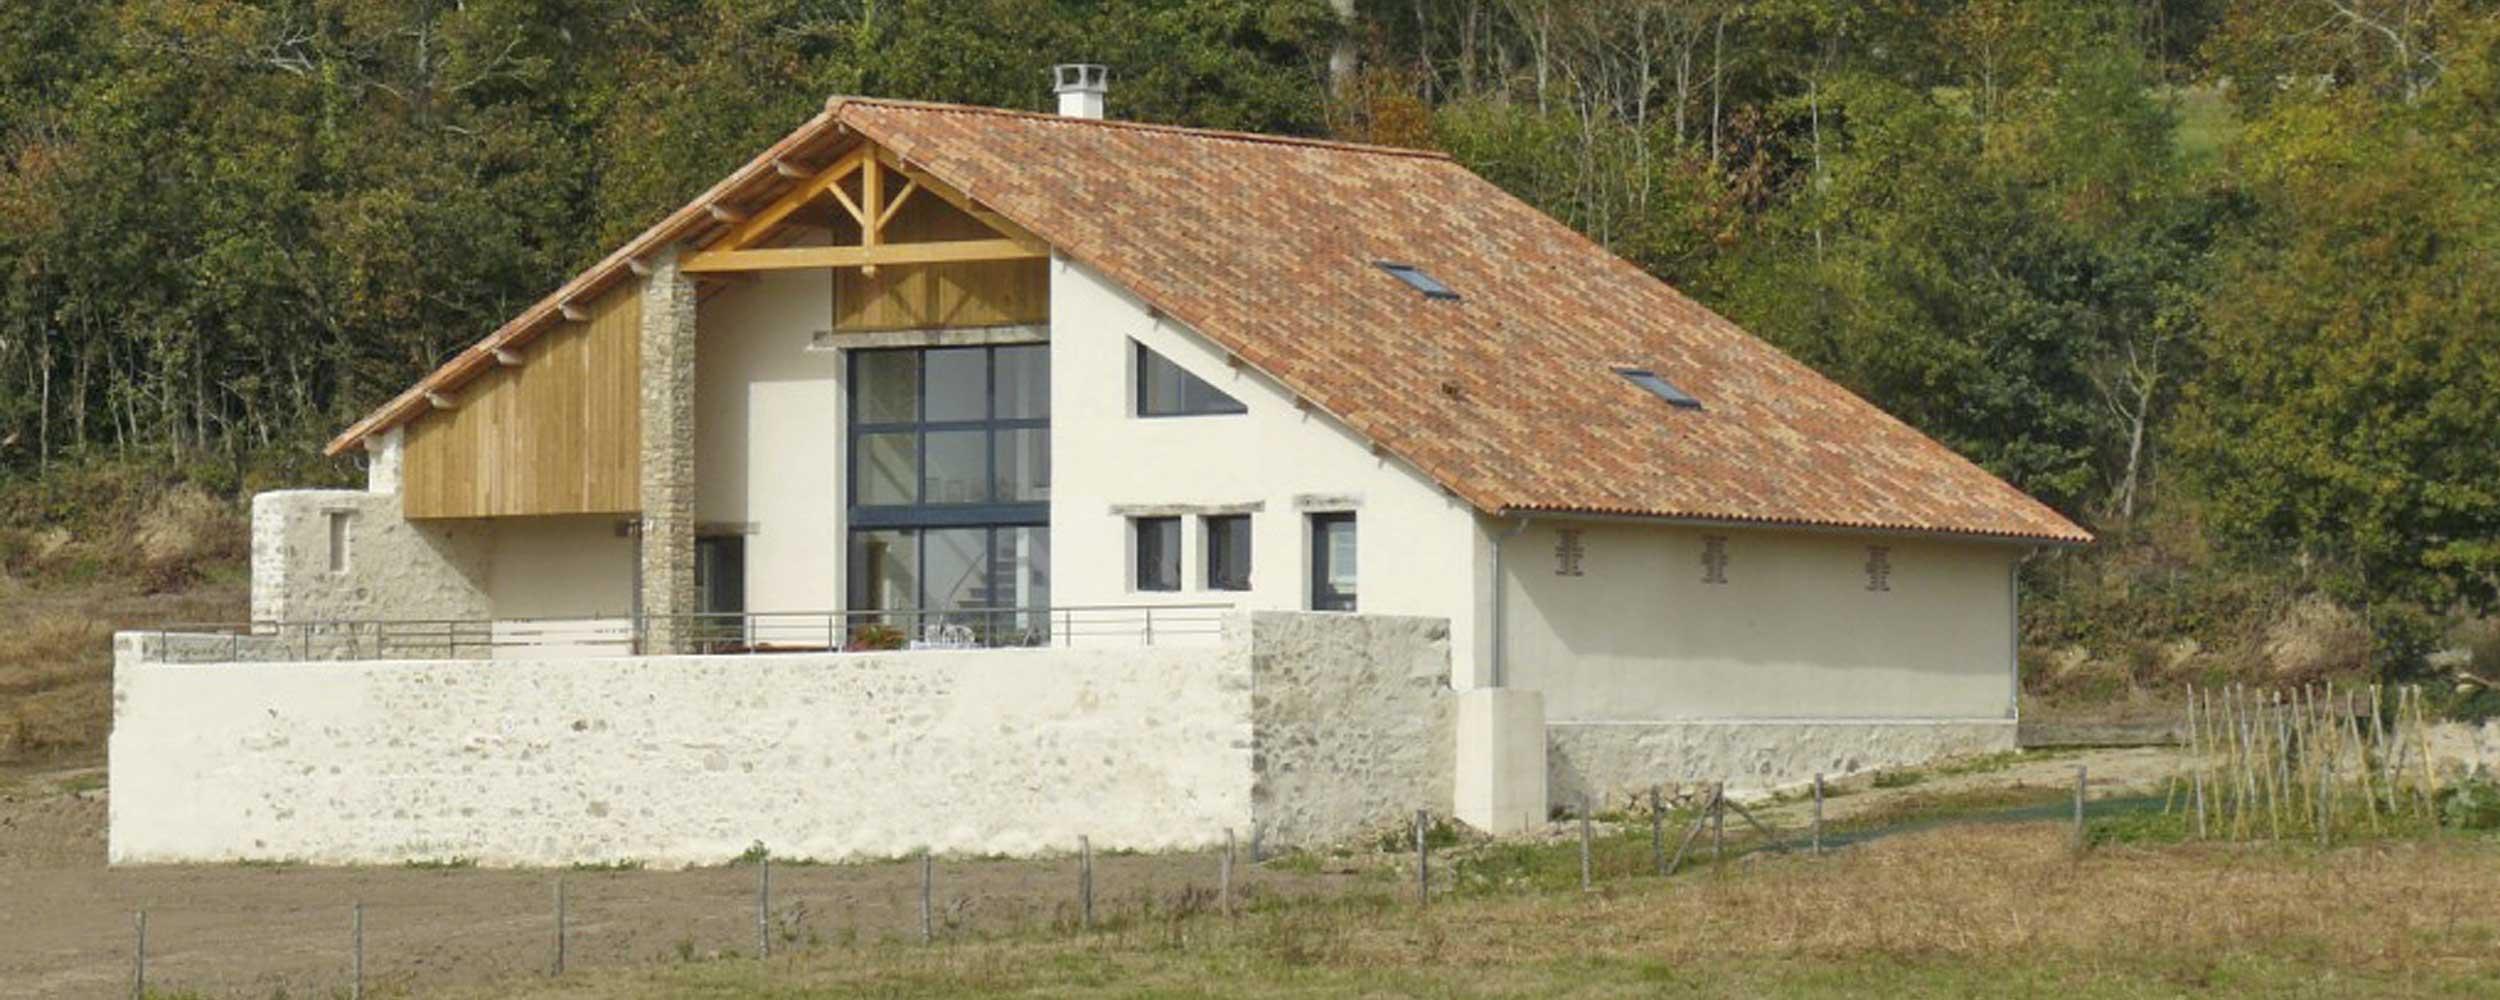 6 k jolie grange r novation r novations extensions maisons - Renovation de grange ...